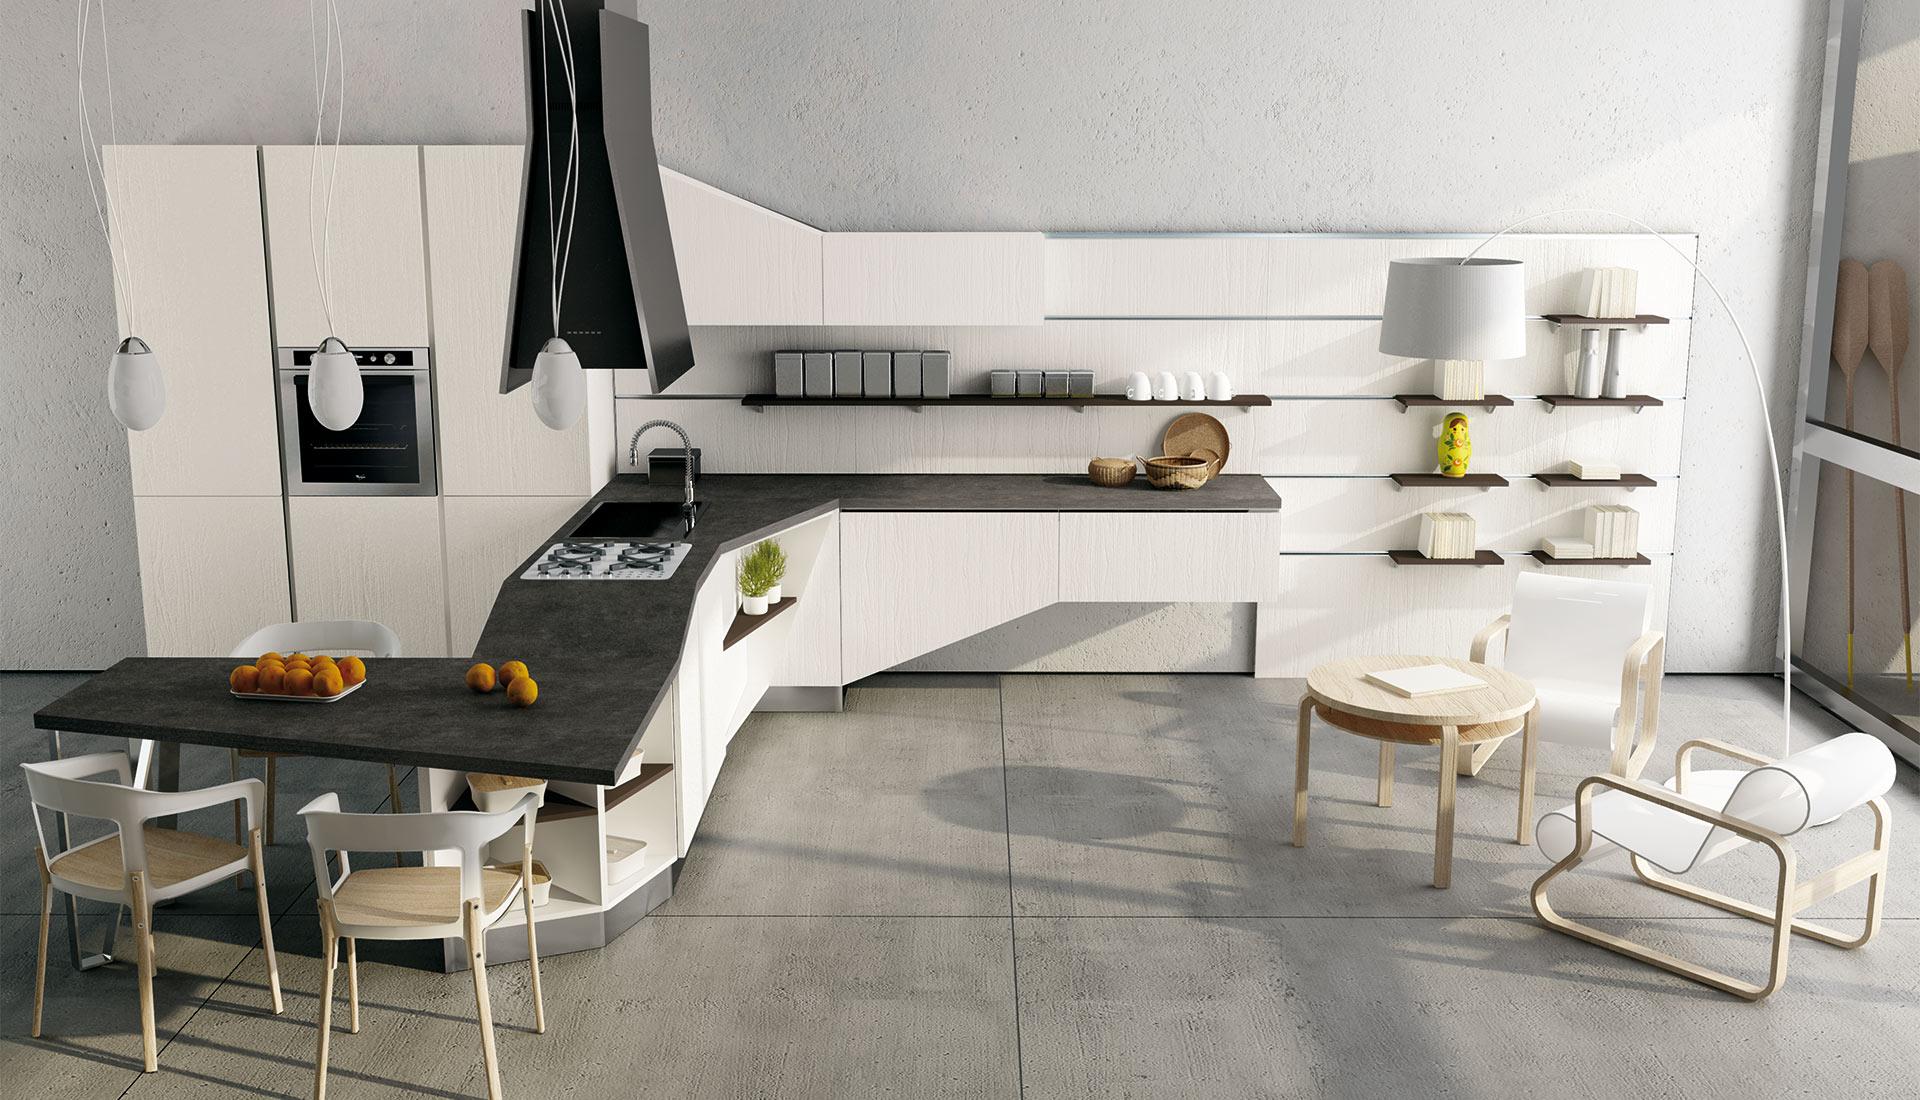 Perculiare Di Asia Il Nuovo Modello Di Cucina Moderna Di  #B68115 1920 1100 Immagini Di Cucine Arte Povera